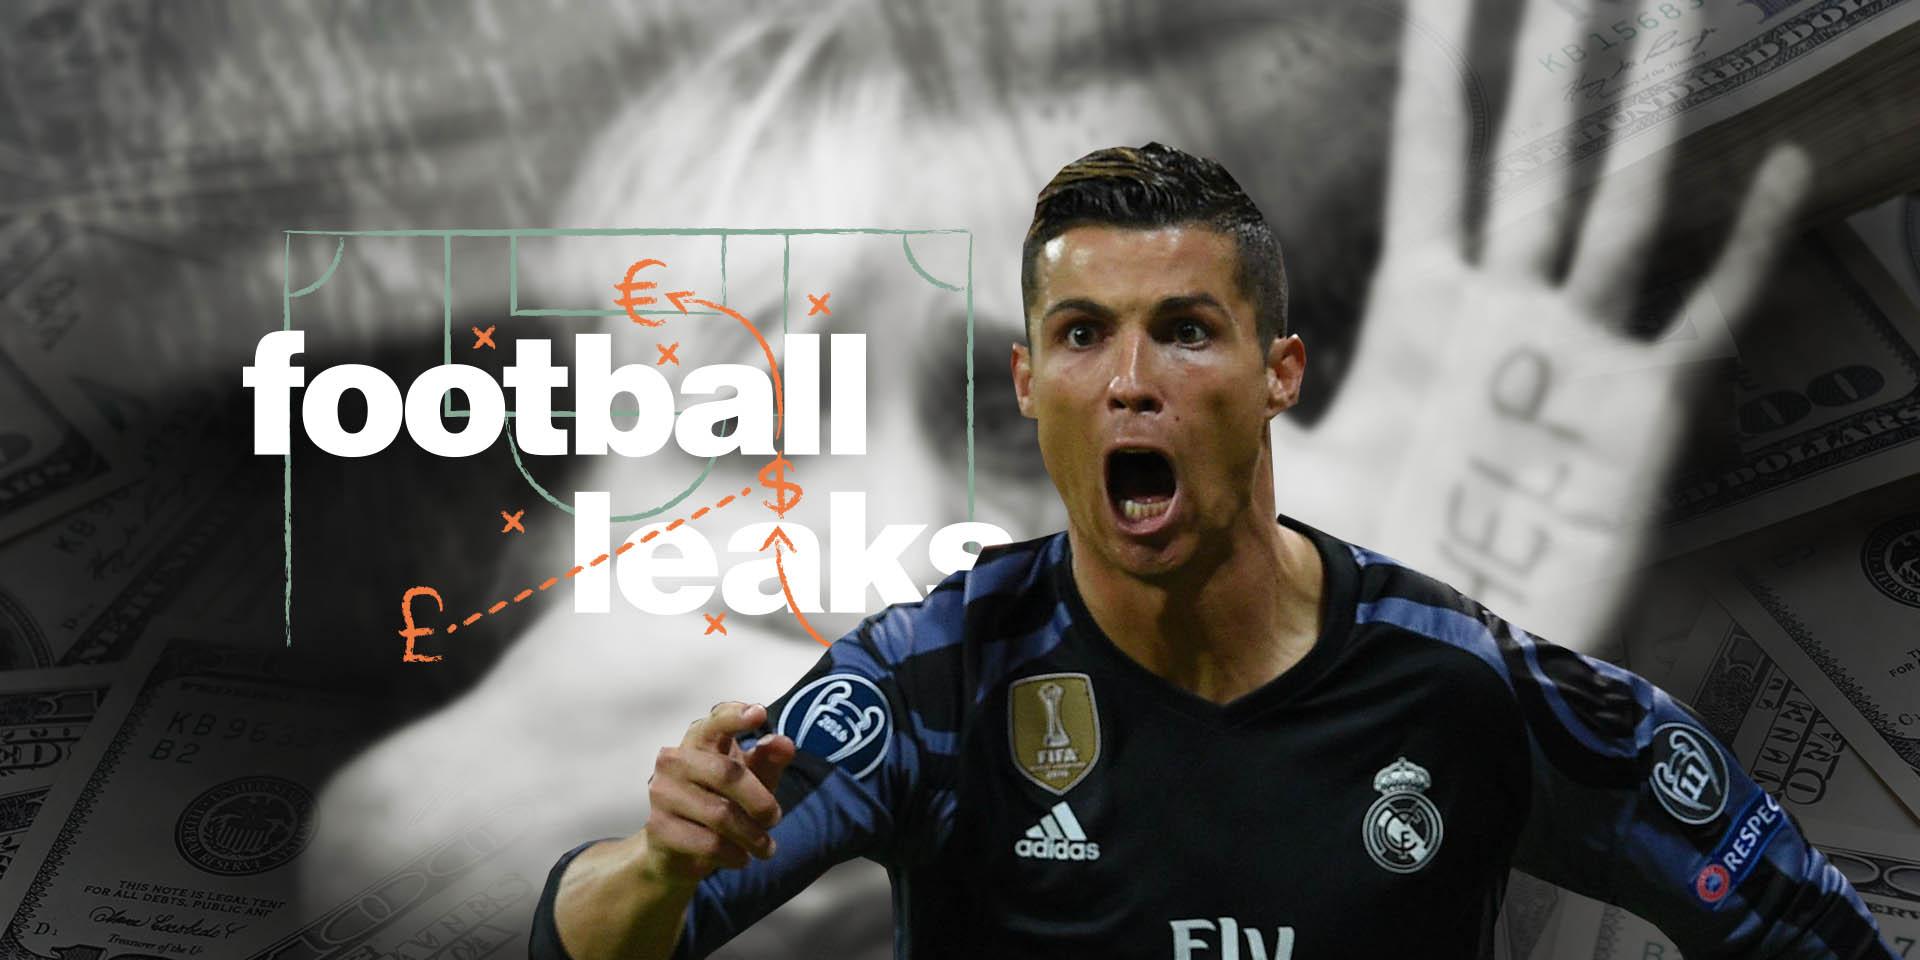 EKSKLUZIVNO: FOOTBALL LEAKS  Christiano Ronaldo platio 375 000 USD ženi koja tvrdi da ju je silovao